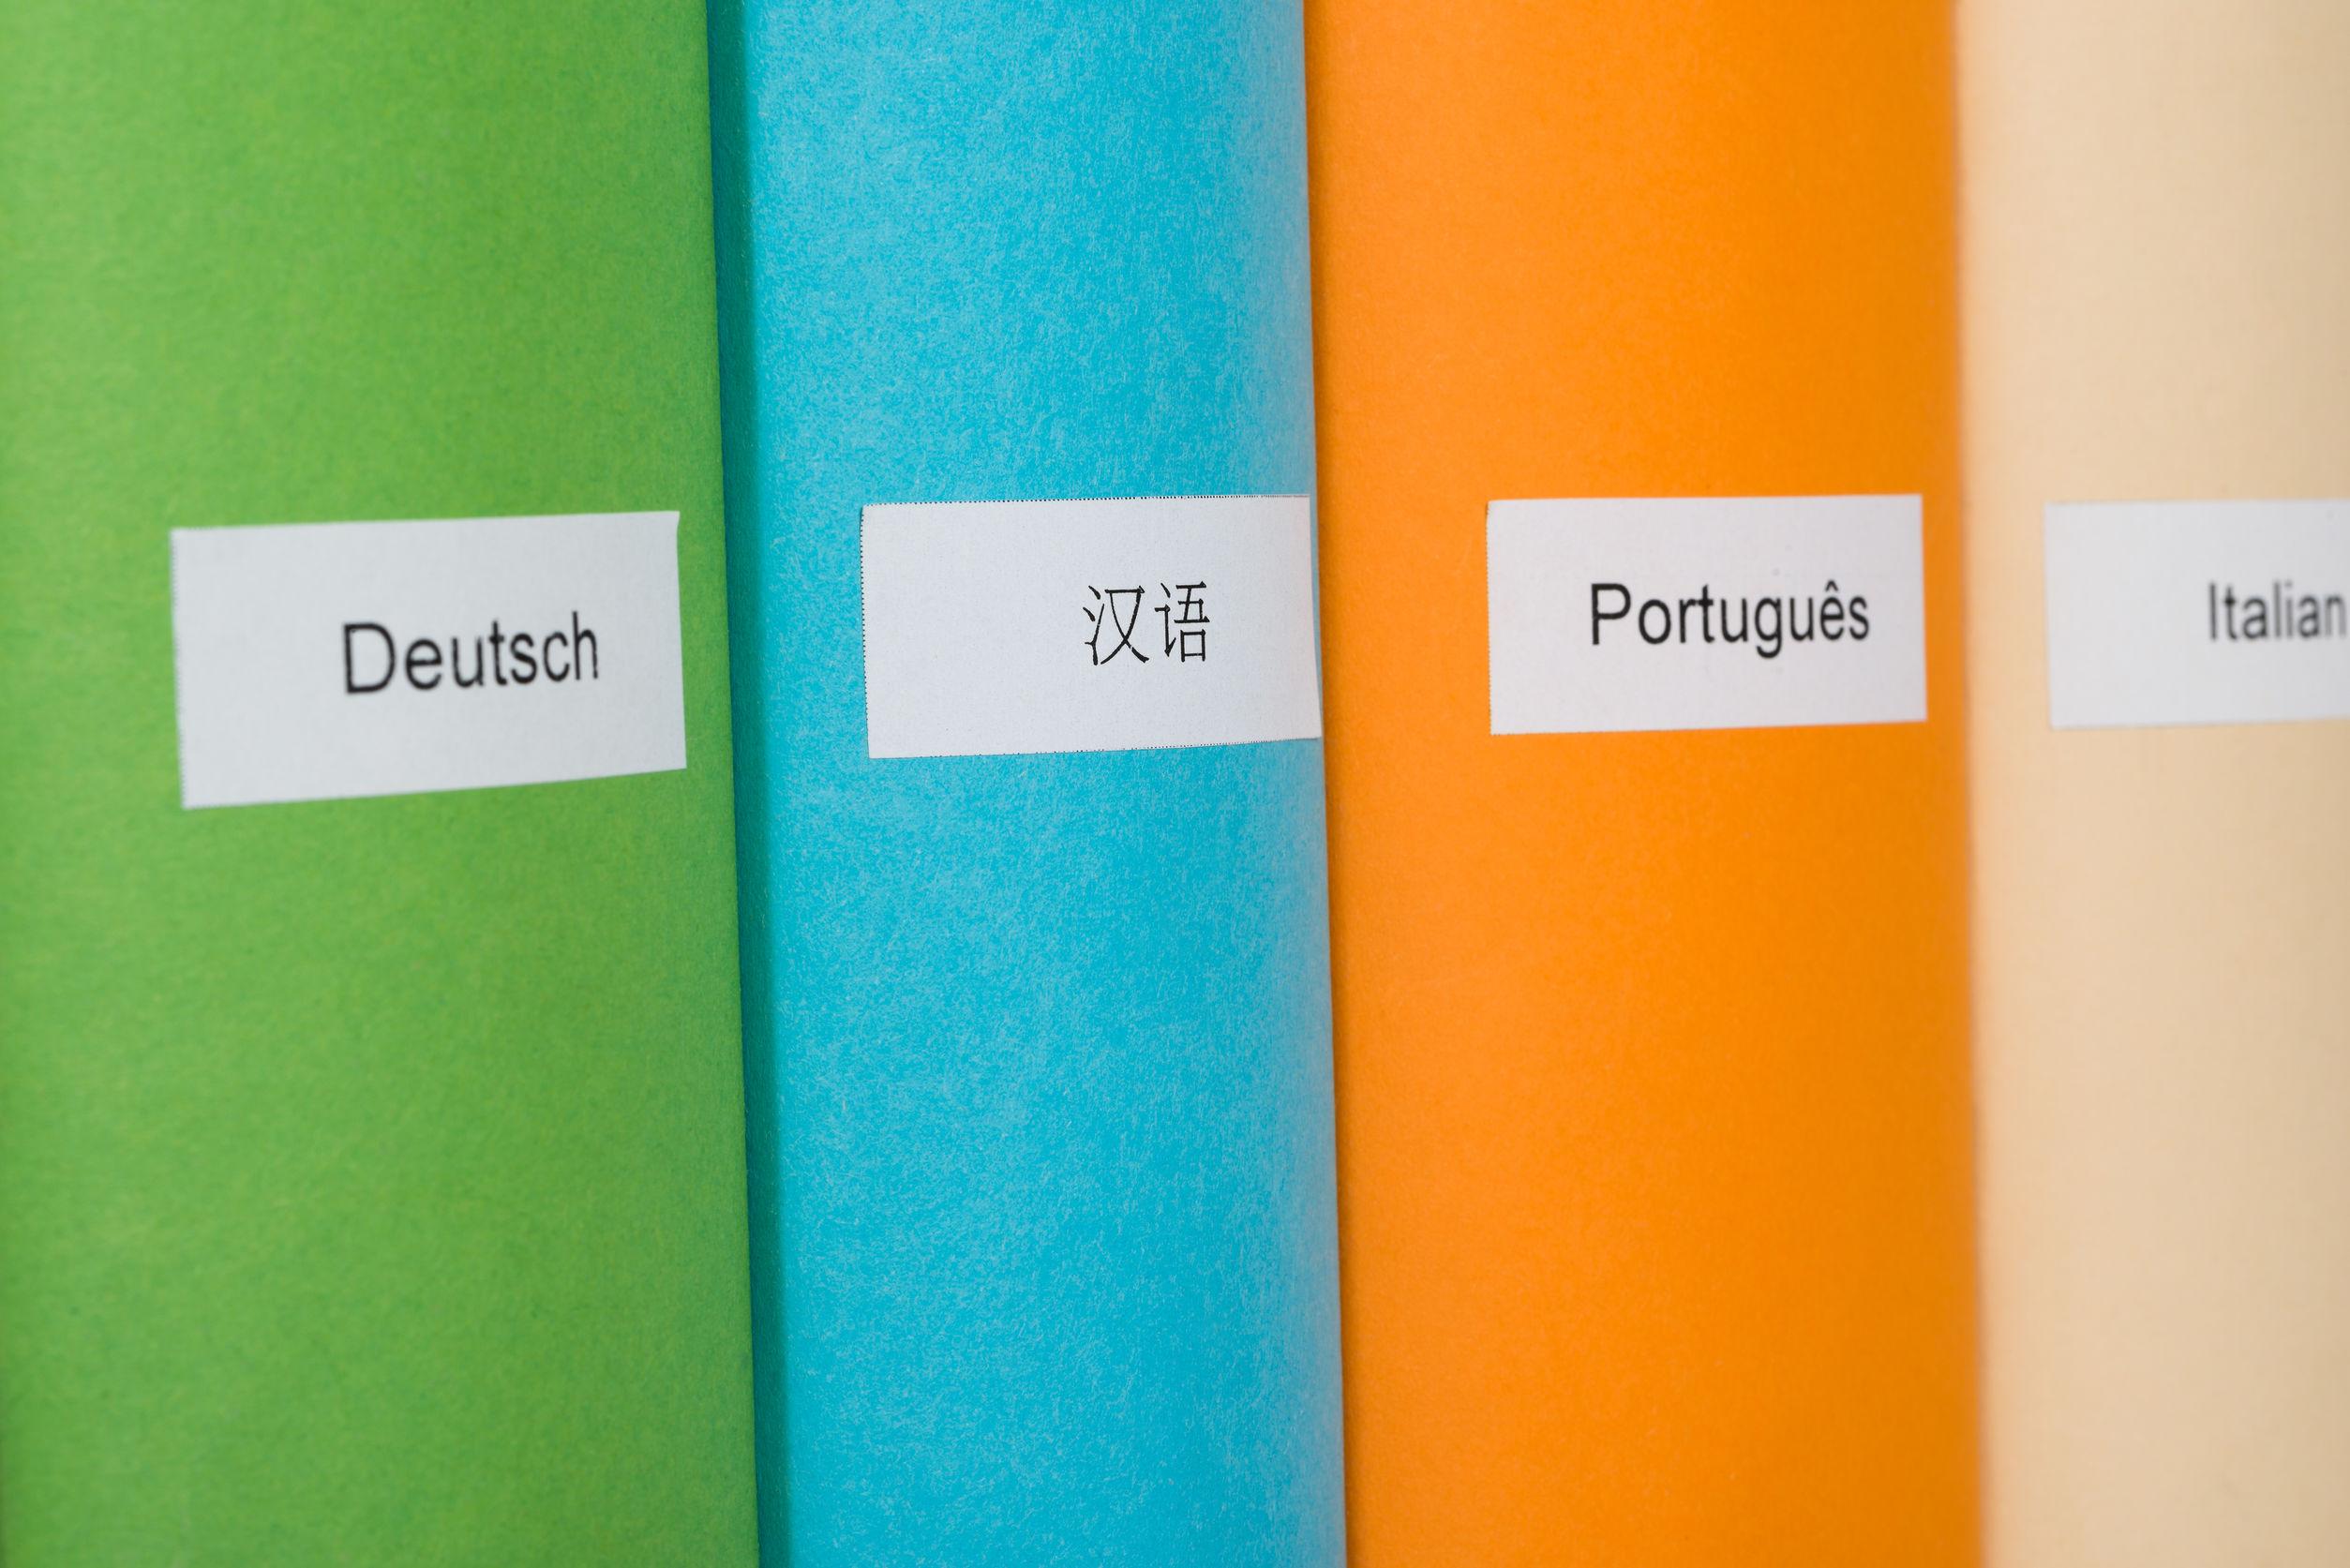 Consejos prácticos para aprender idiomas